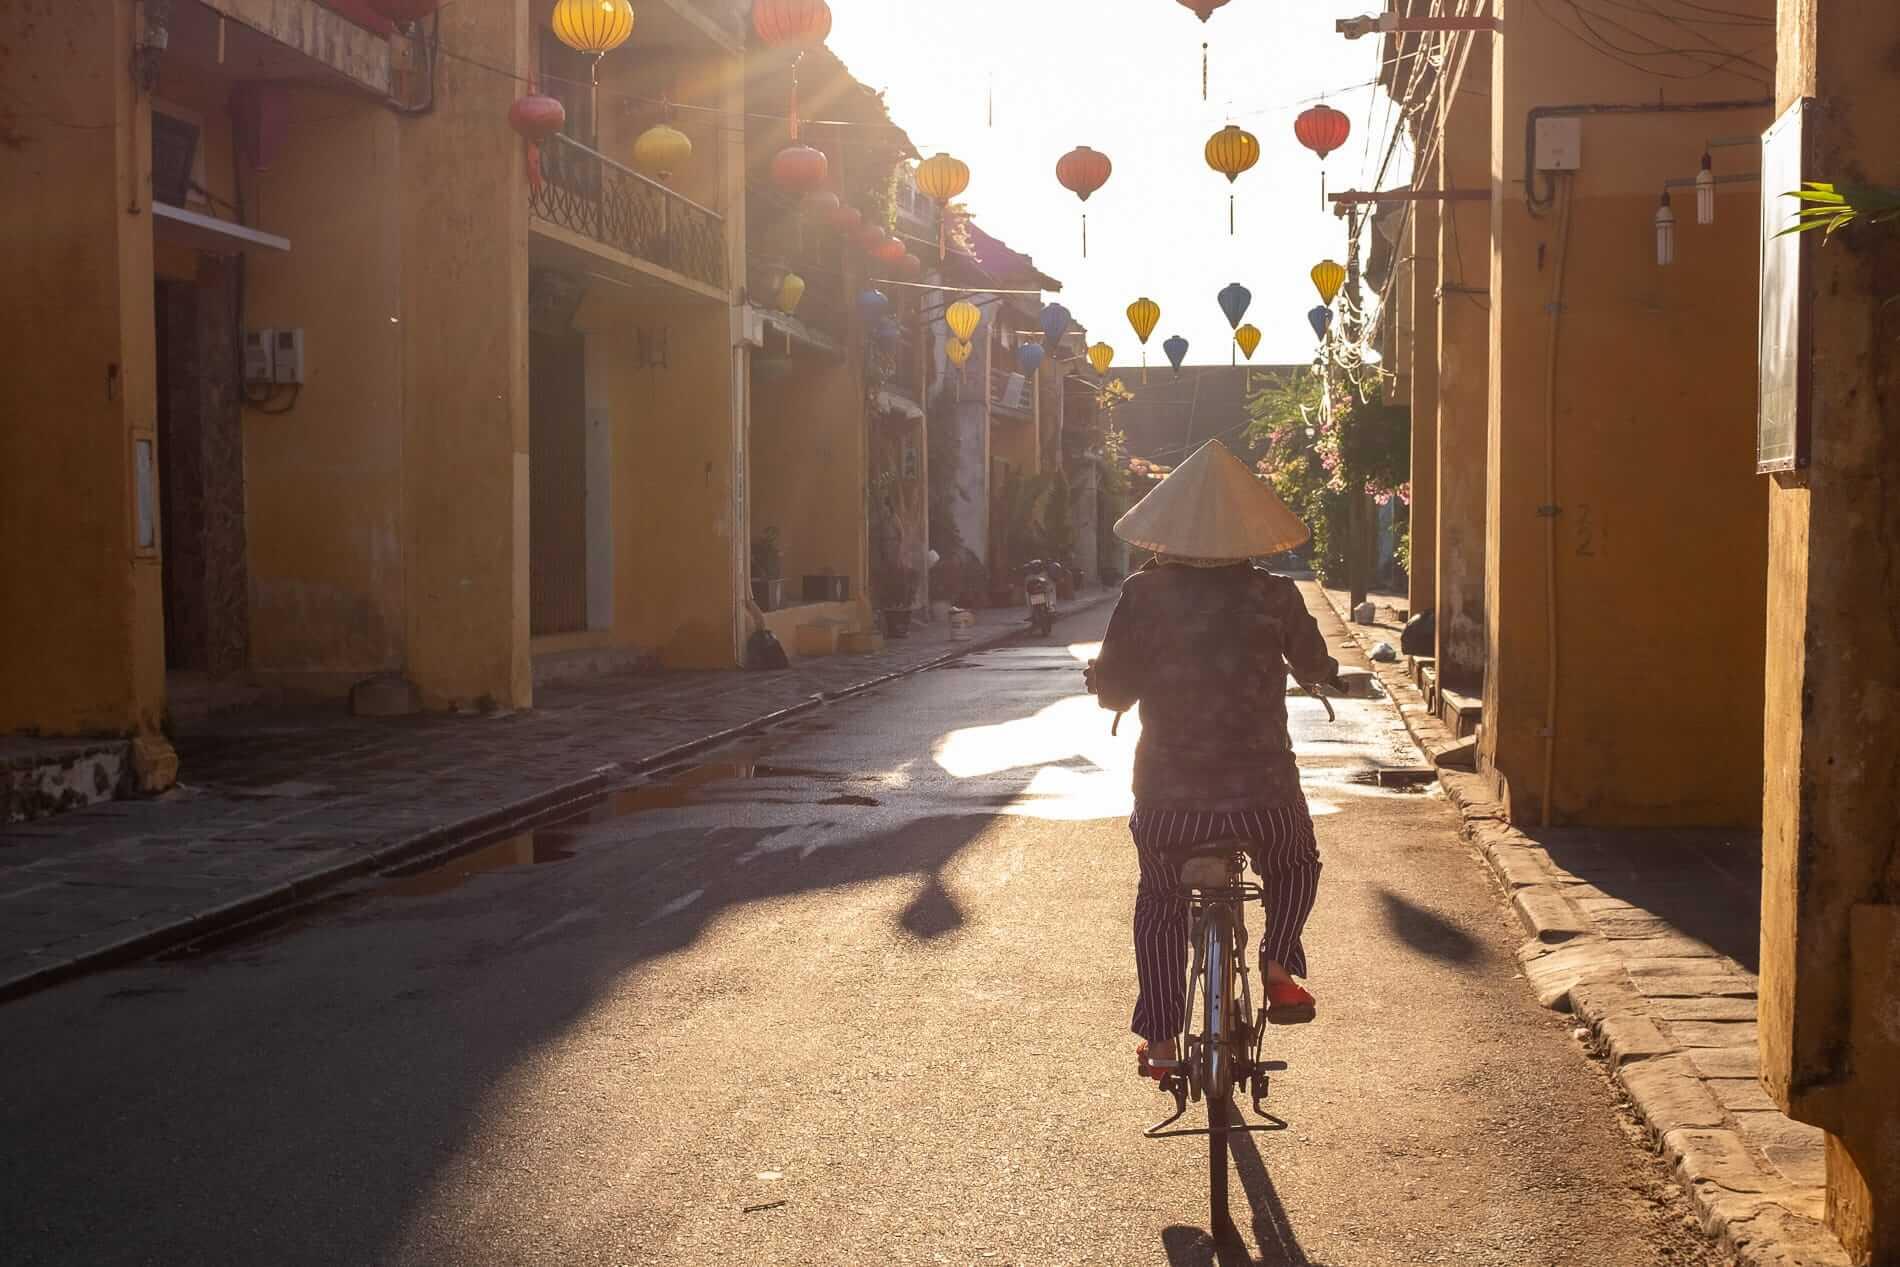 Cyclist rides through Hoi An Ancient Town